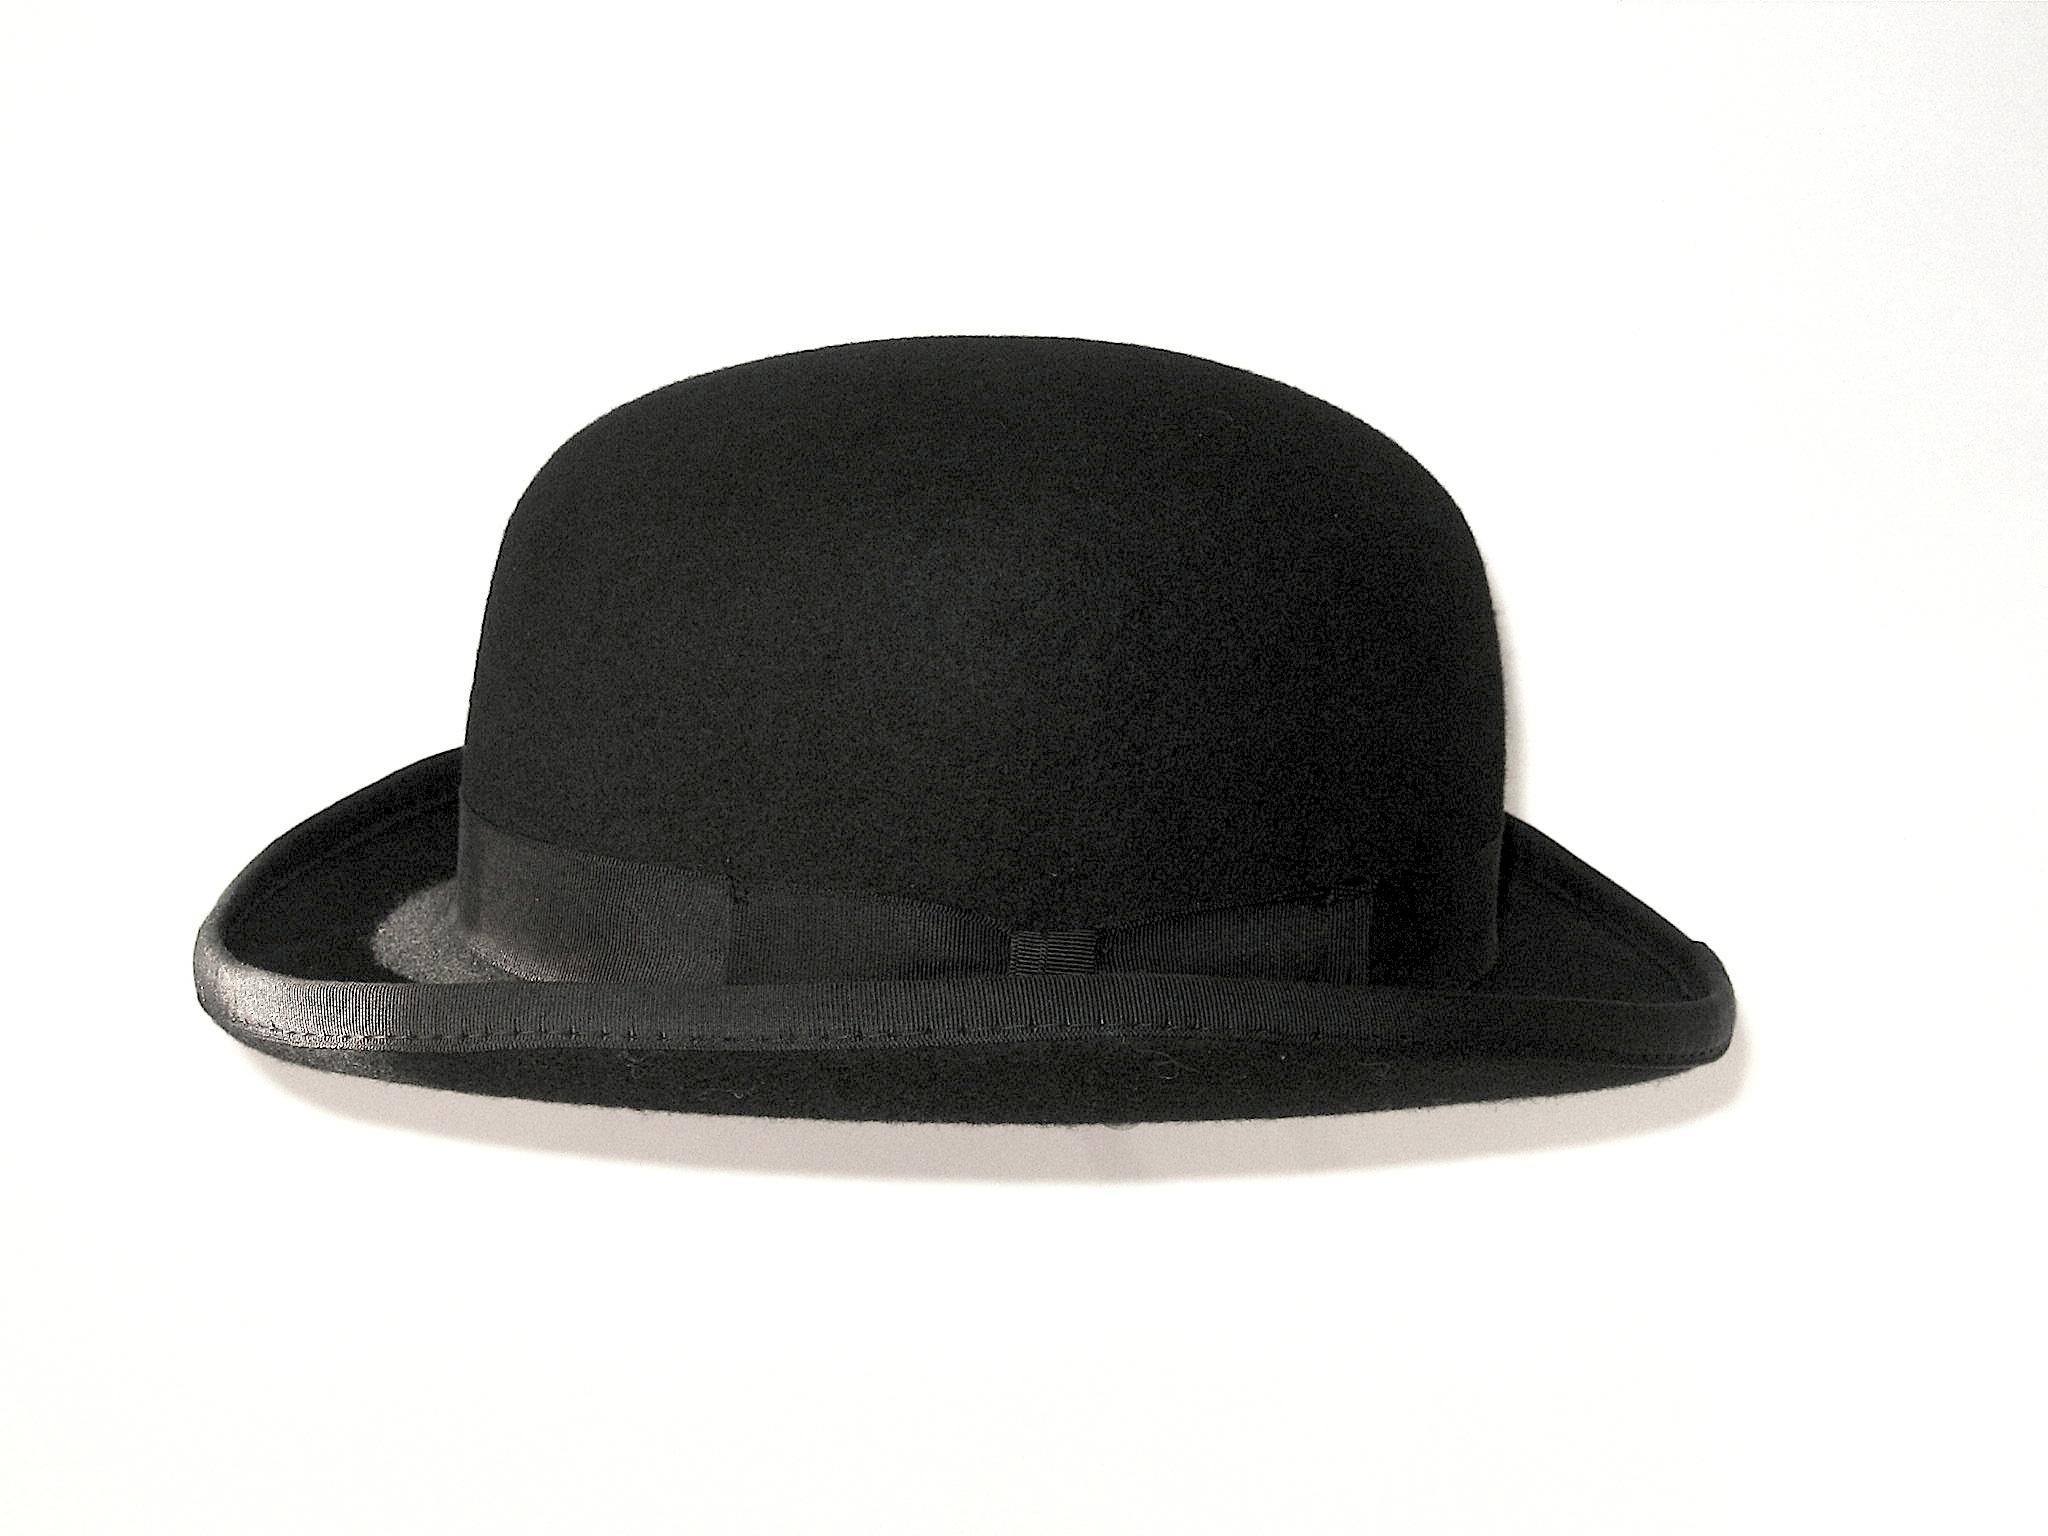 Black Bowler Hat Fashion